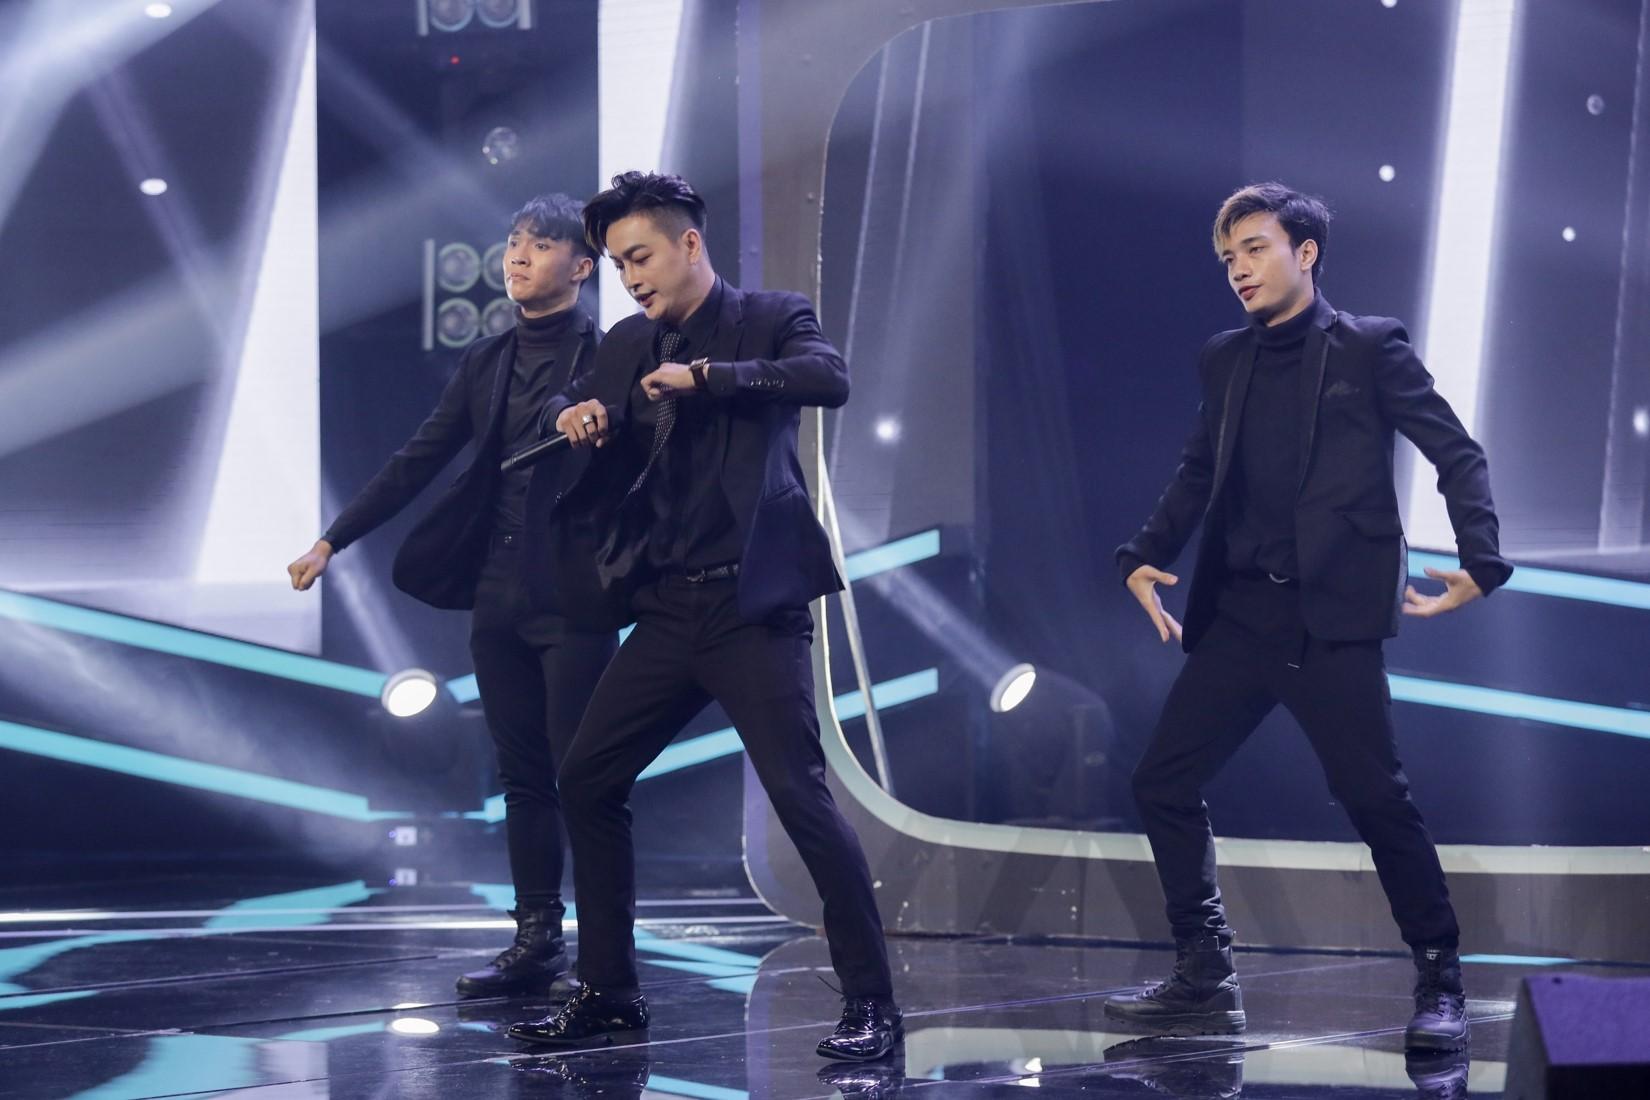 Đang hát, nam ca sĩ bị fan nữ lên sân khấu làm điều bất ngờ - 3